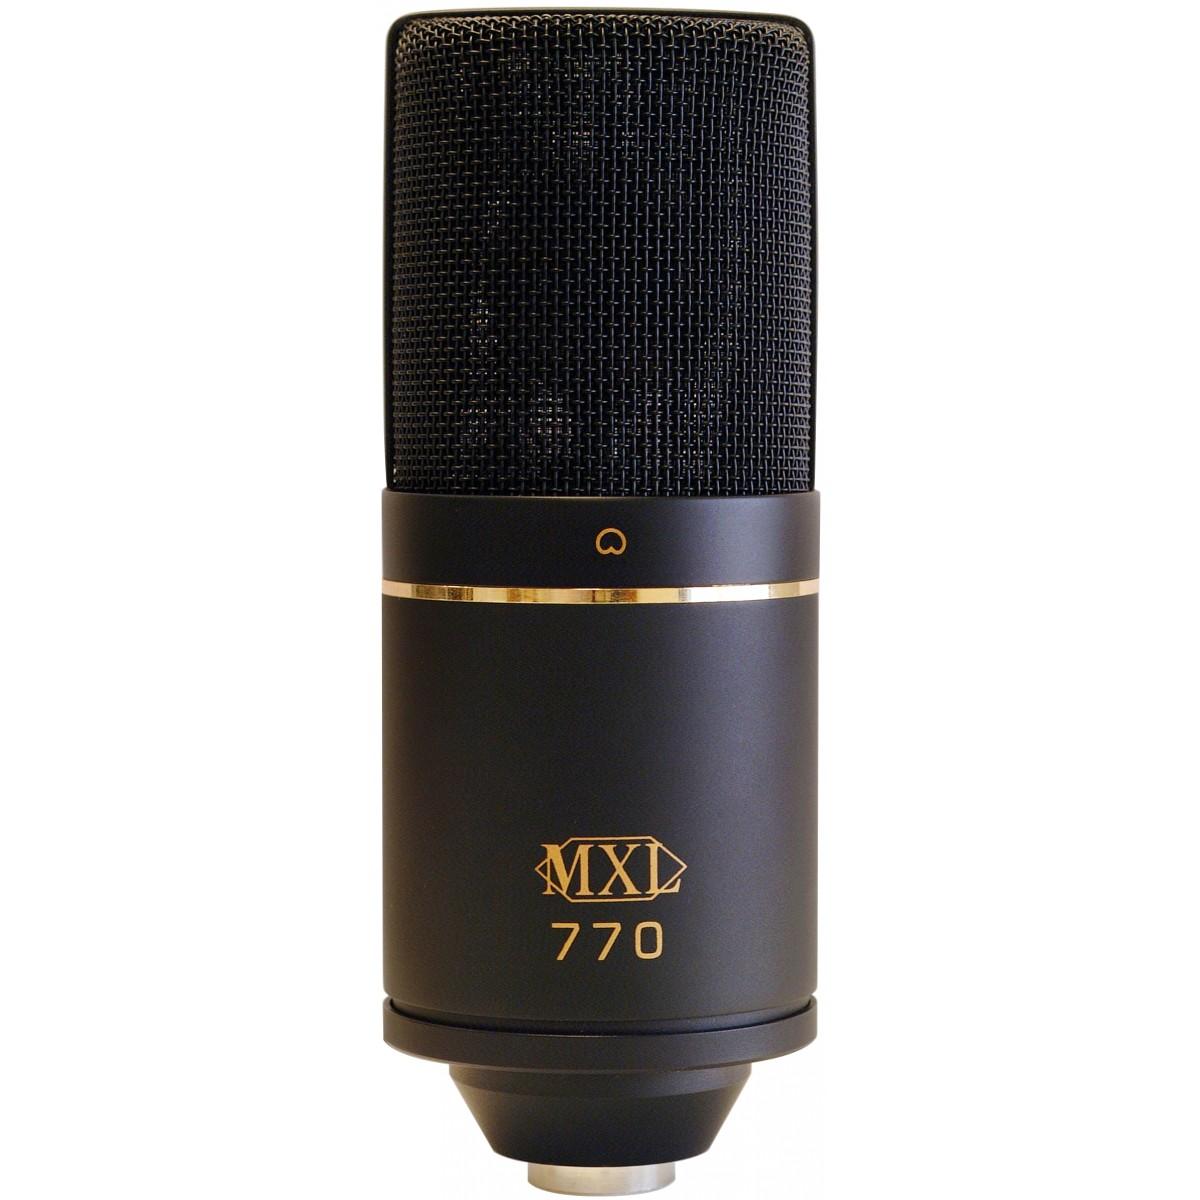 Micro thu âm MXL 770